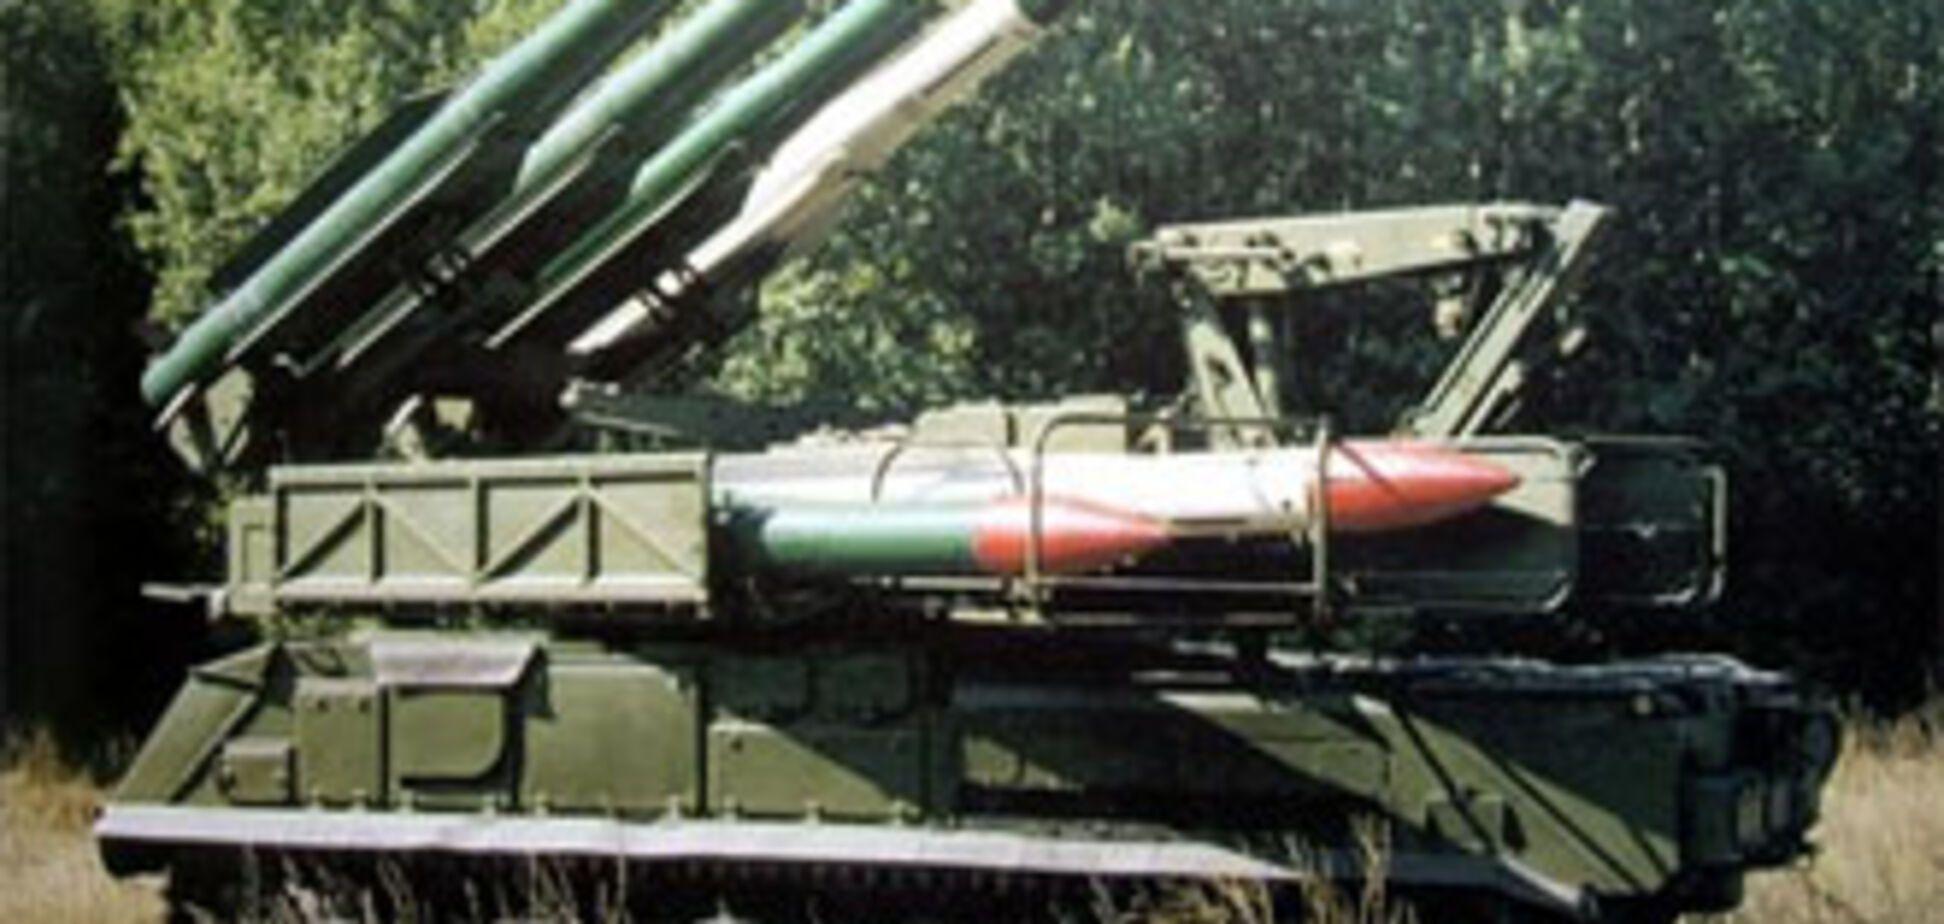 Армія продала ракети, потім їх же і купила, тільки дорожче